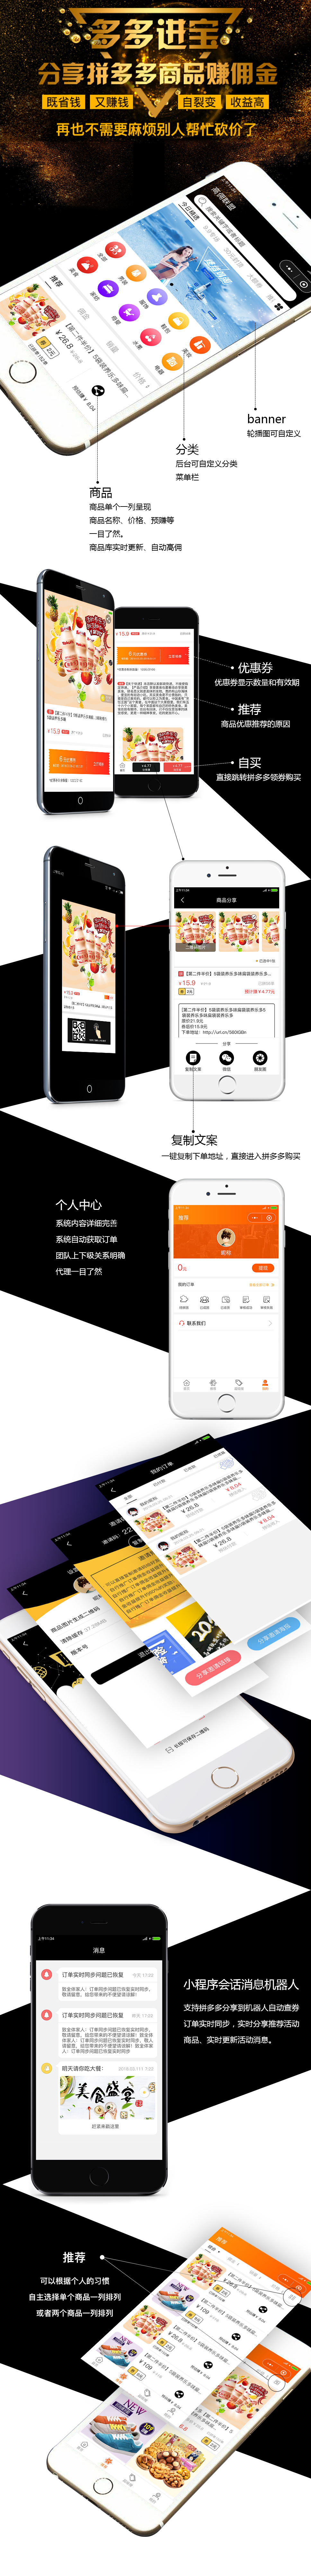 拼多多客京东客蘑菇街V9.0.0+子程序V2.1.0 开源版